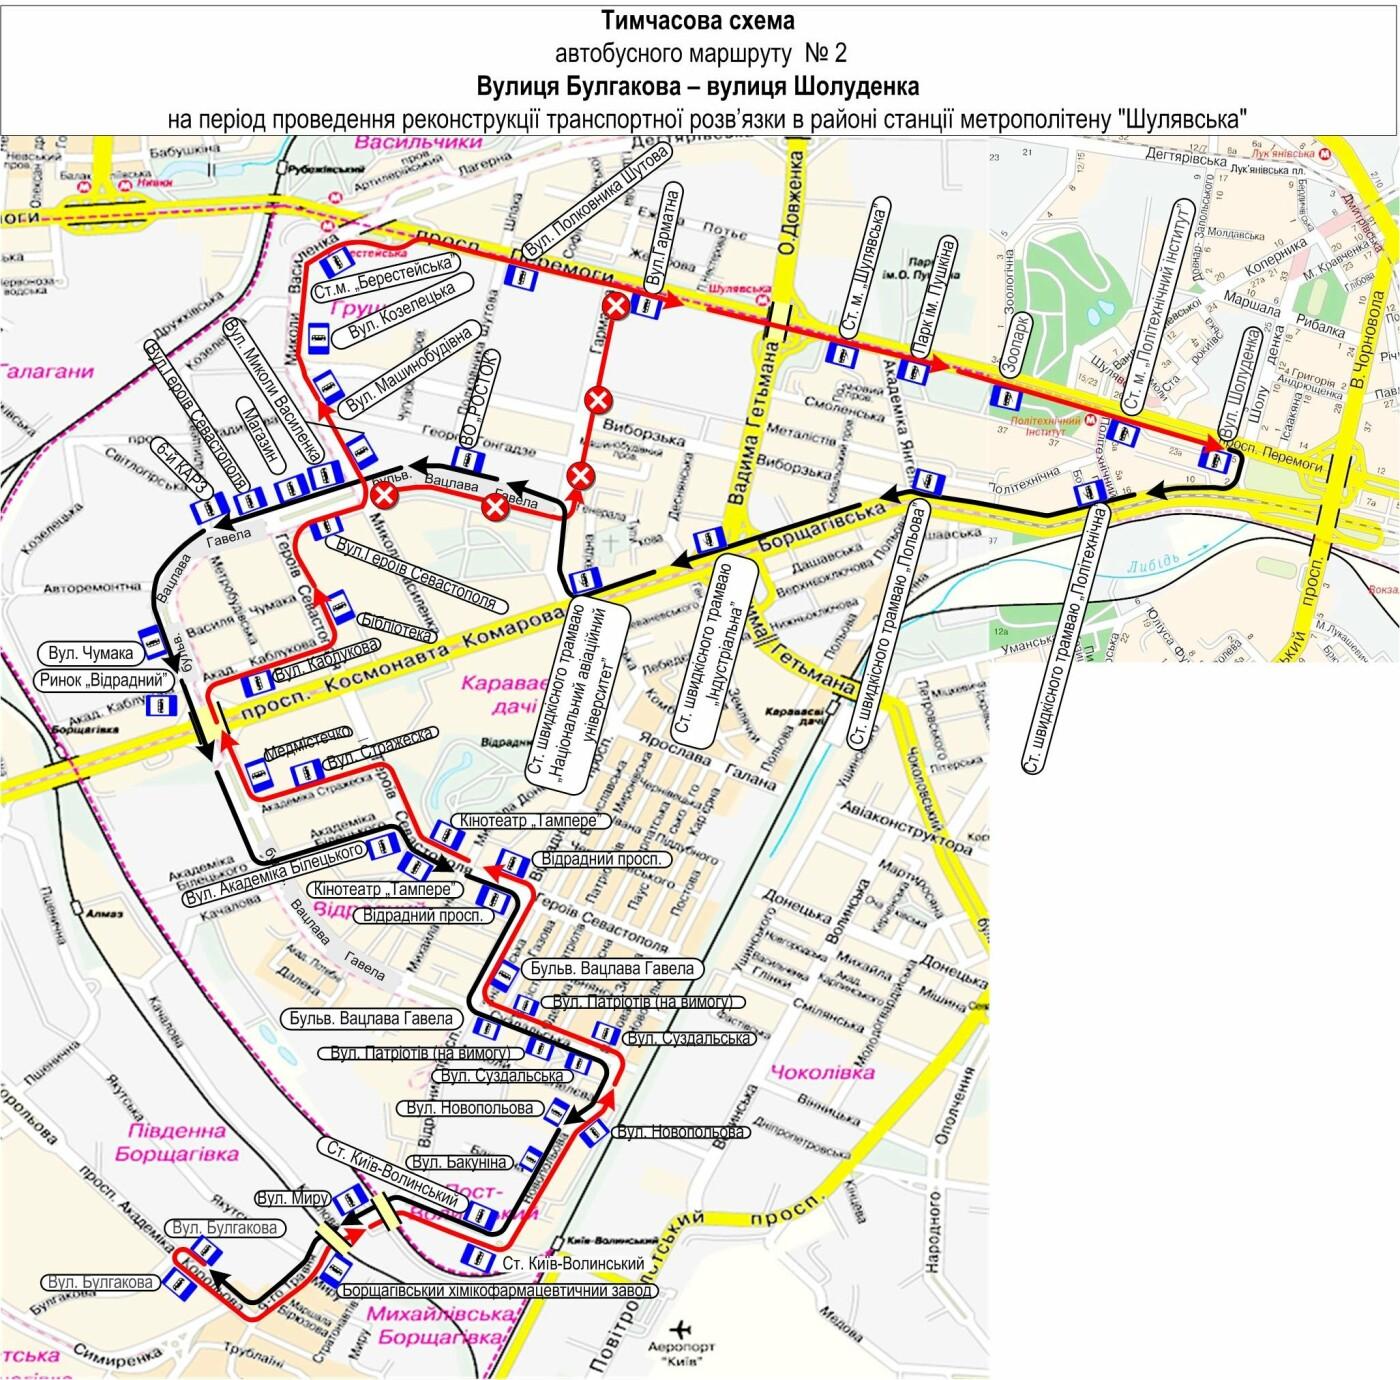 Перекрытие Шулявского моста: как изменятся маршруты общественного транспорта, фото-9